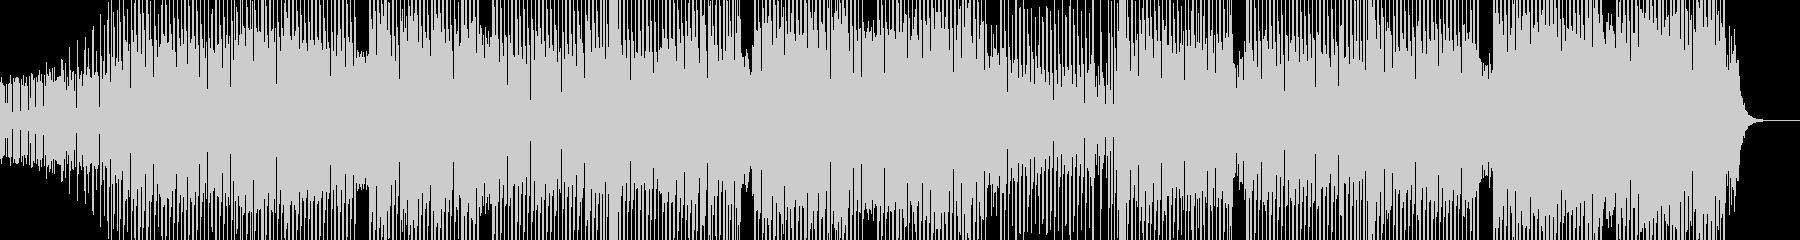 科学・浮遊感漂うテクノ 裏拍リズム Bの未再生の波形